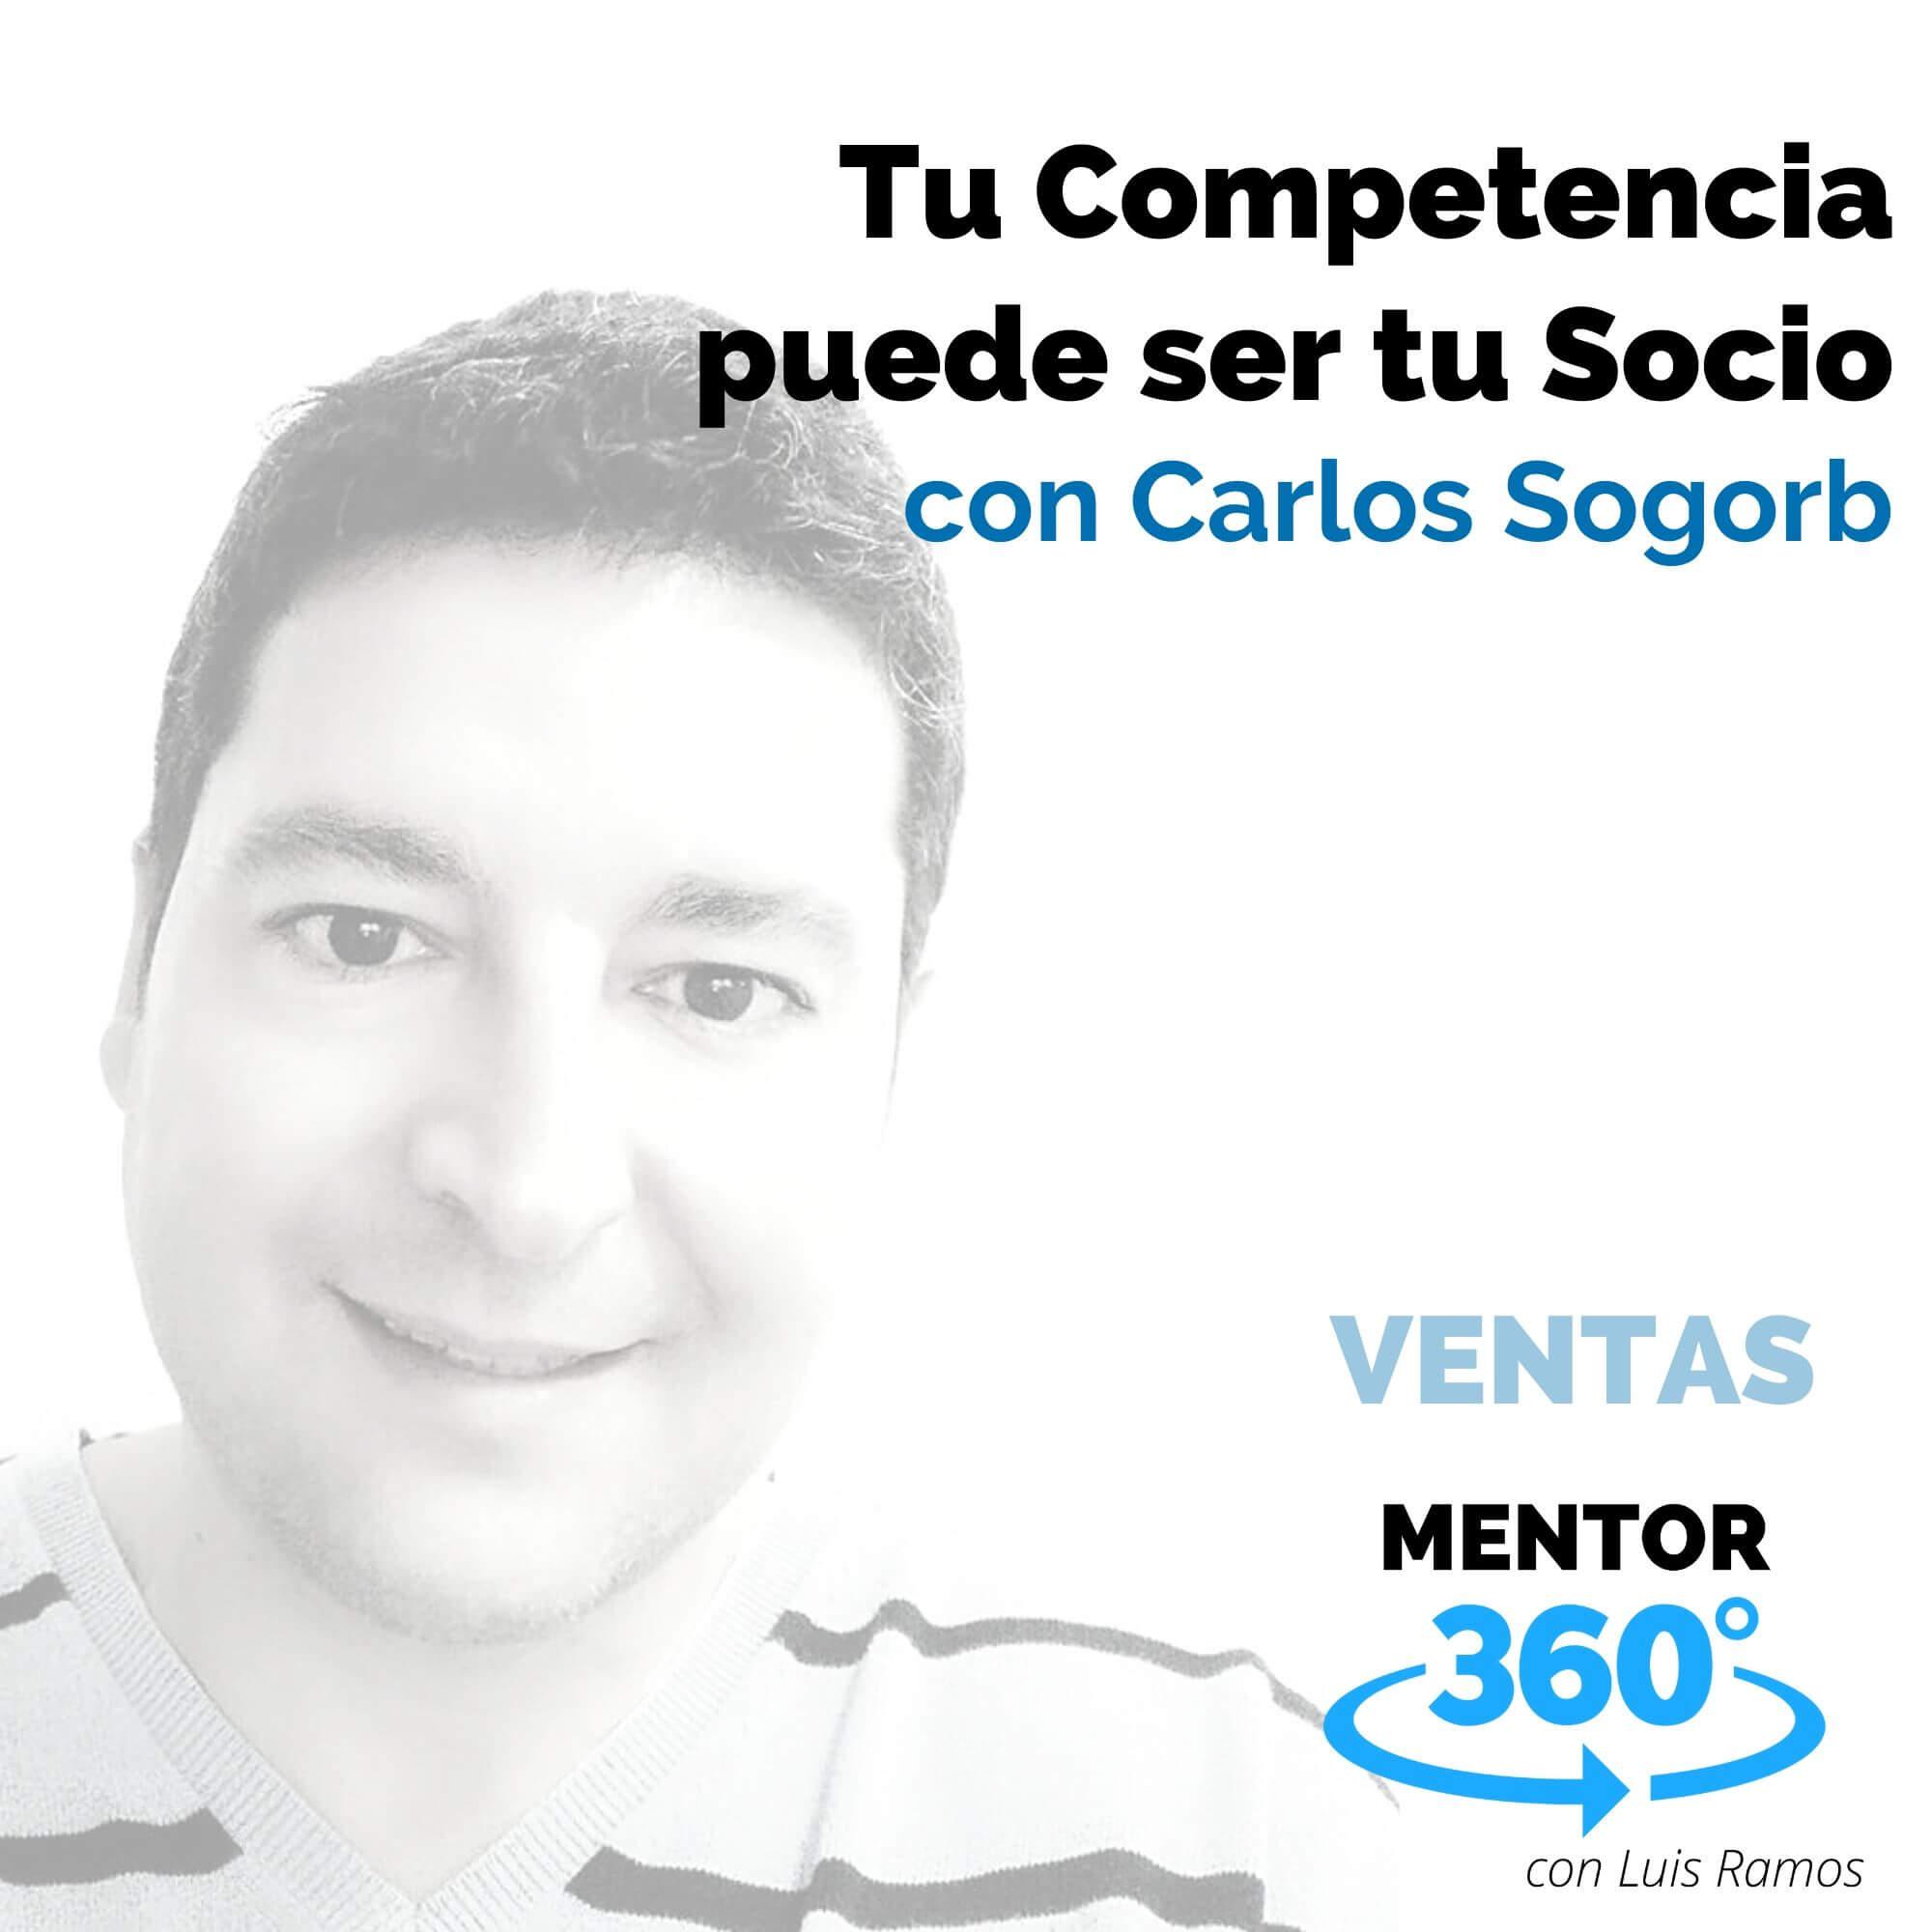 Tu Competencia puede ser Tu Socio, con Carlos Sogorb - VENTAS - MENTOR360